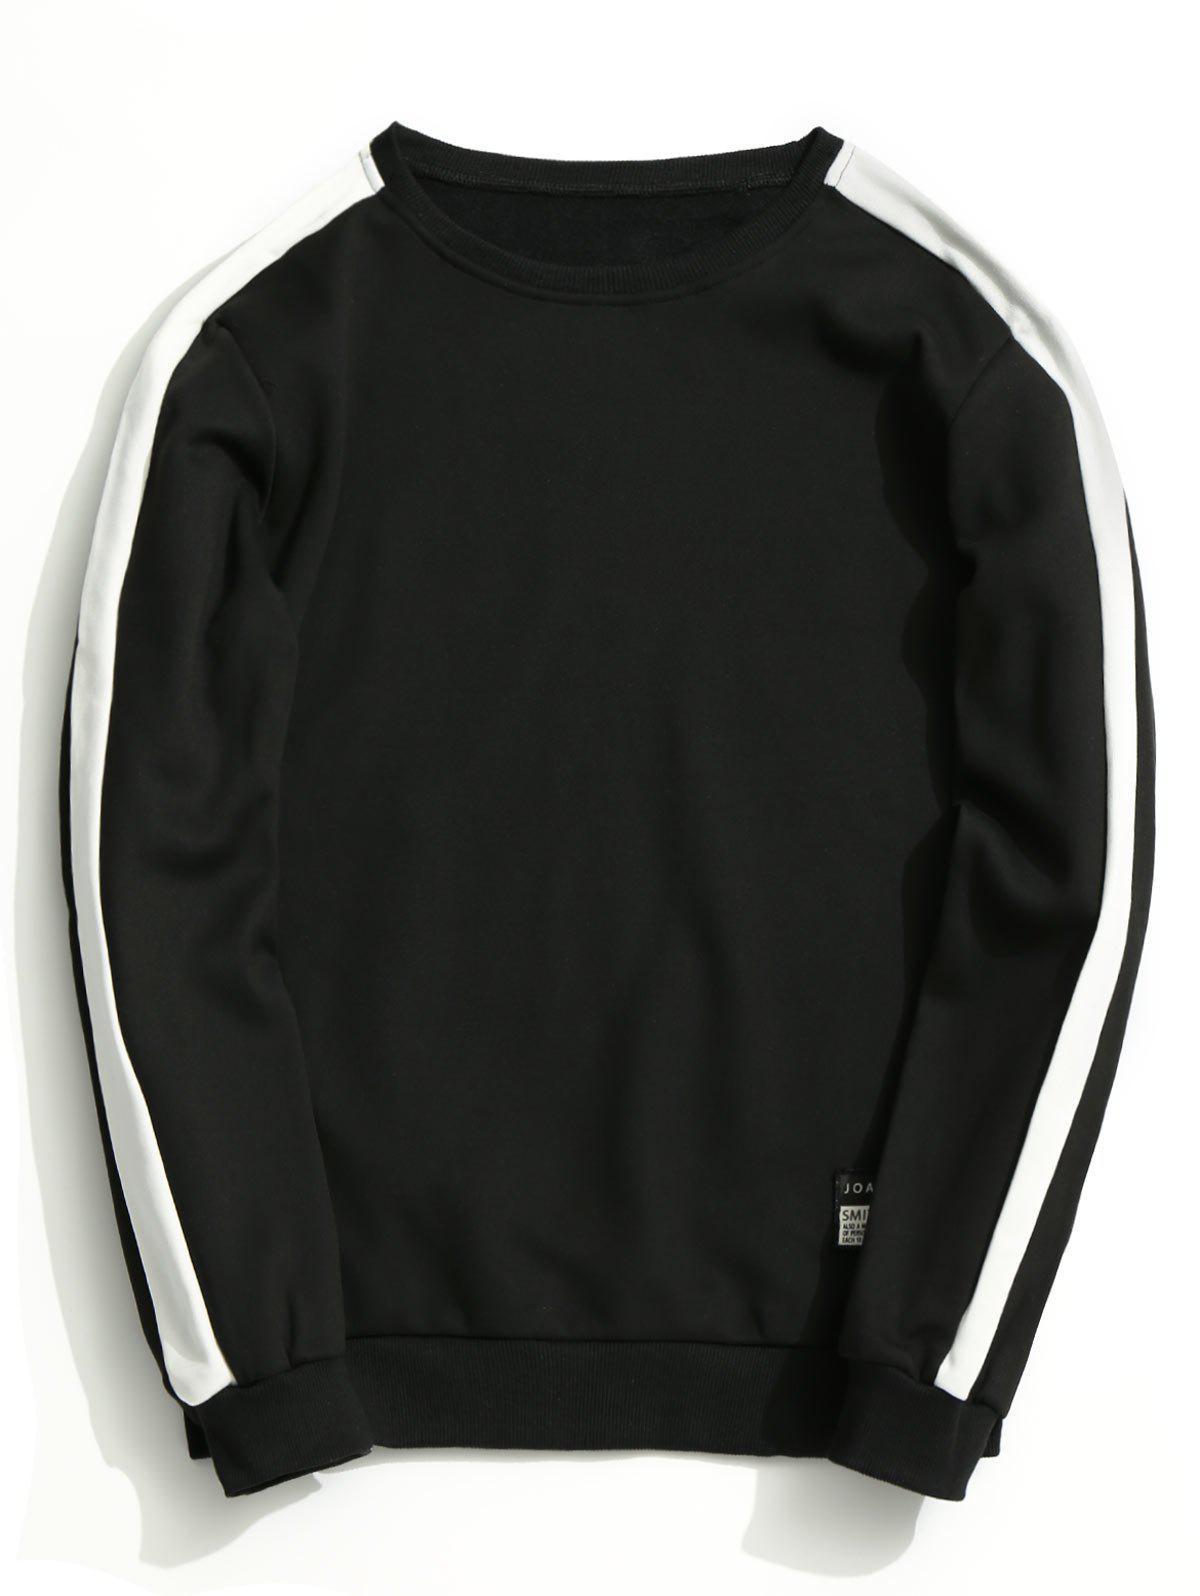 Fleeced Two Tone Sweatshirt